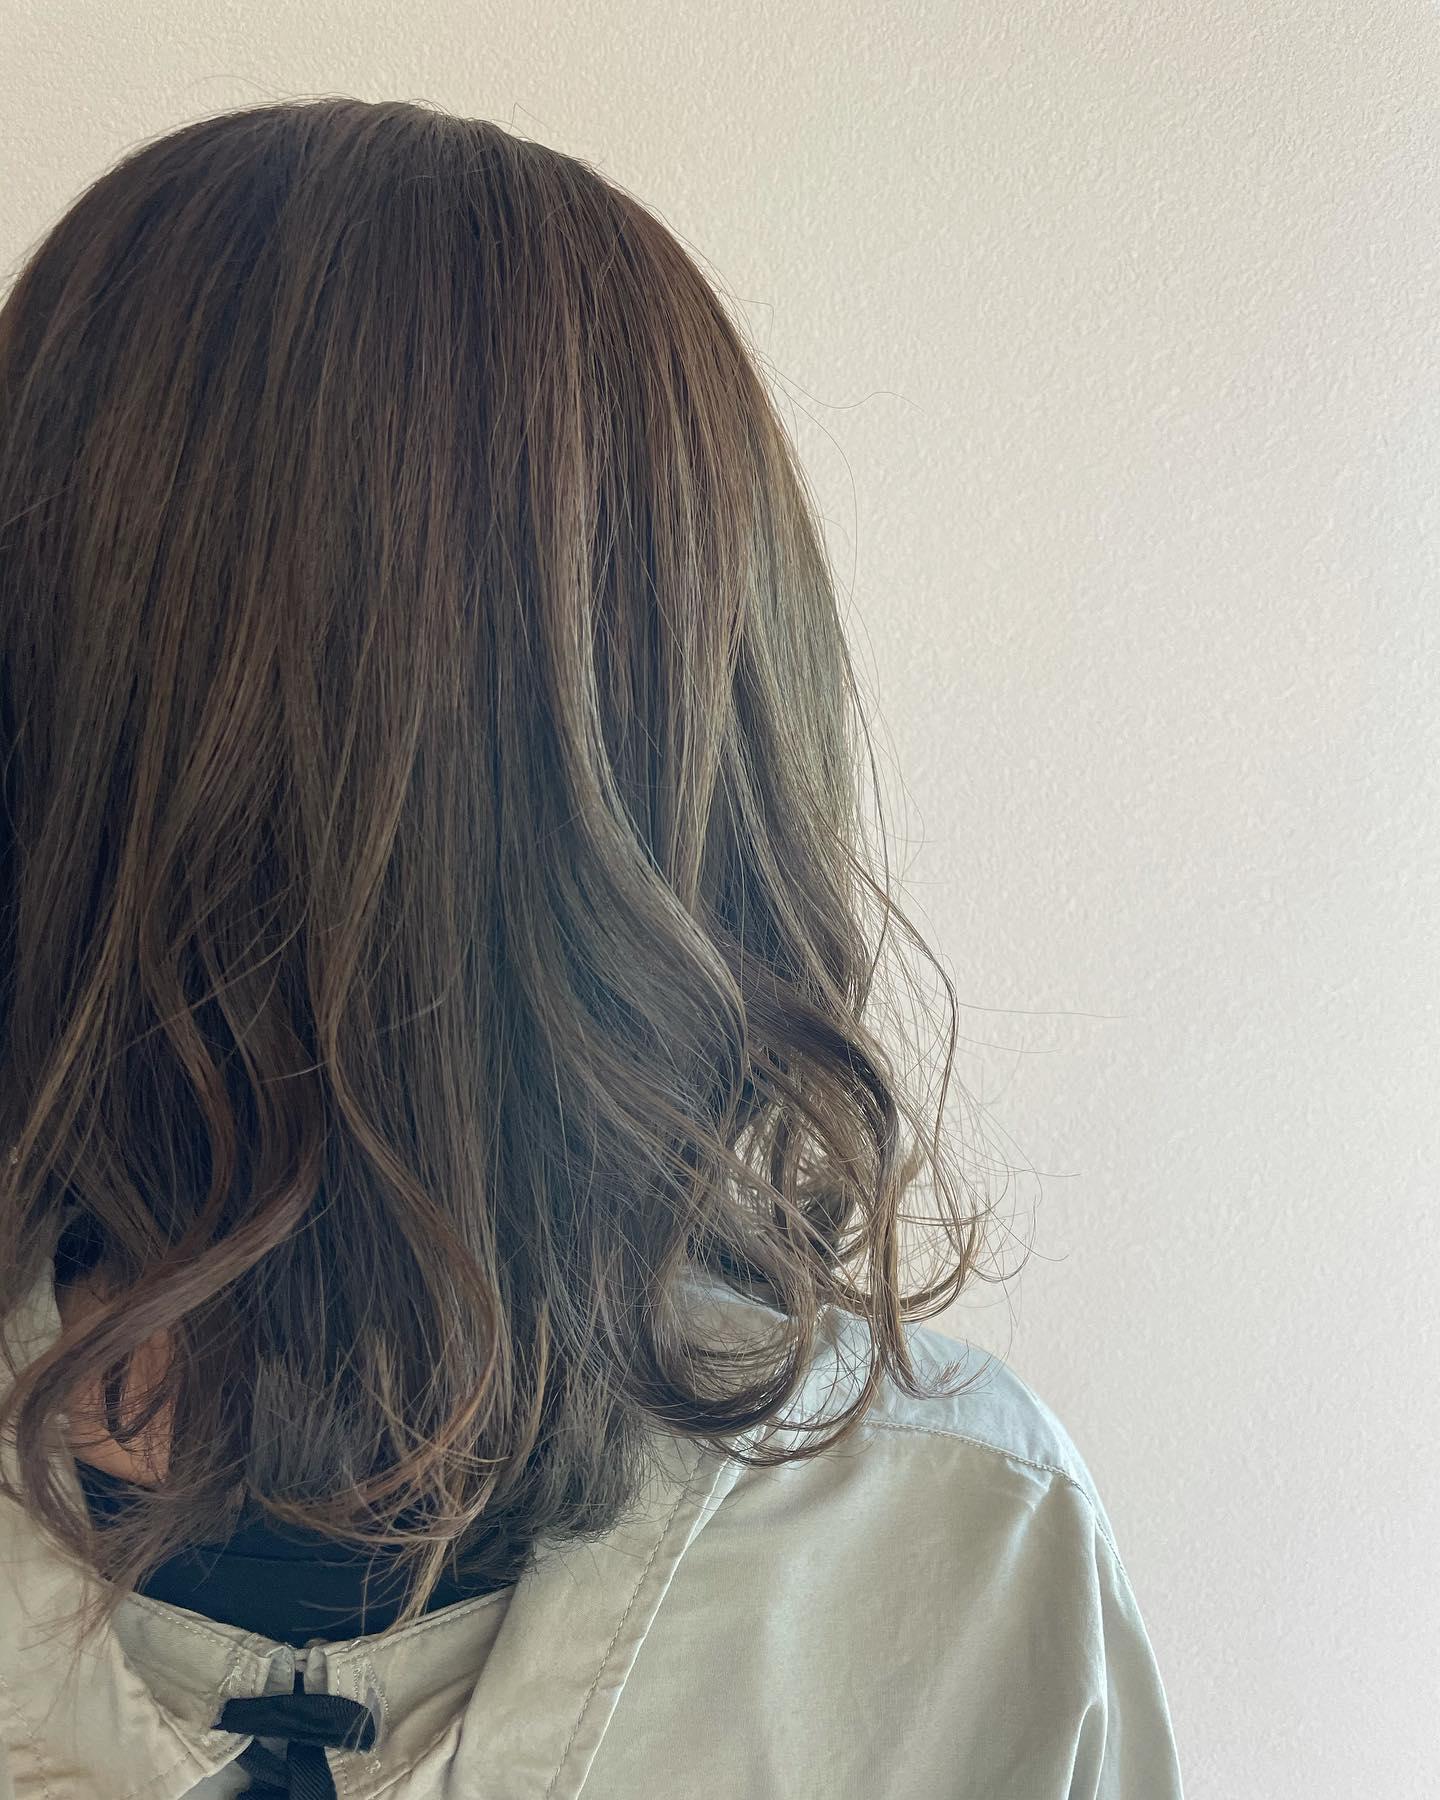 いつものスターダストにプラスでフォレストを加えて綺麗な色でも飽きる時もある️そんな時はちょい混ぜも😎ご相談ください️#totti #hair #color #perm #cut #hairstyle #haircolor #hairarrange #stylist #care #carelist #aujua #イルミナカラー #headspa #treatment #美容院